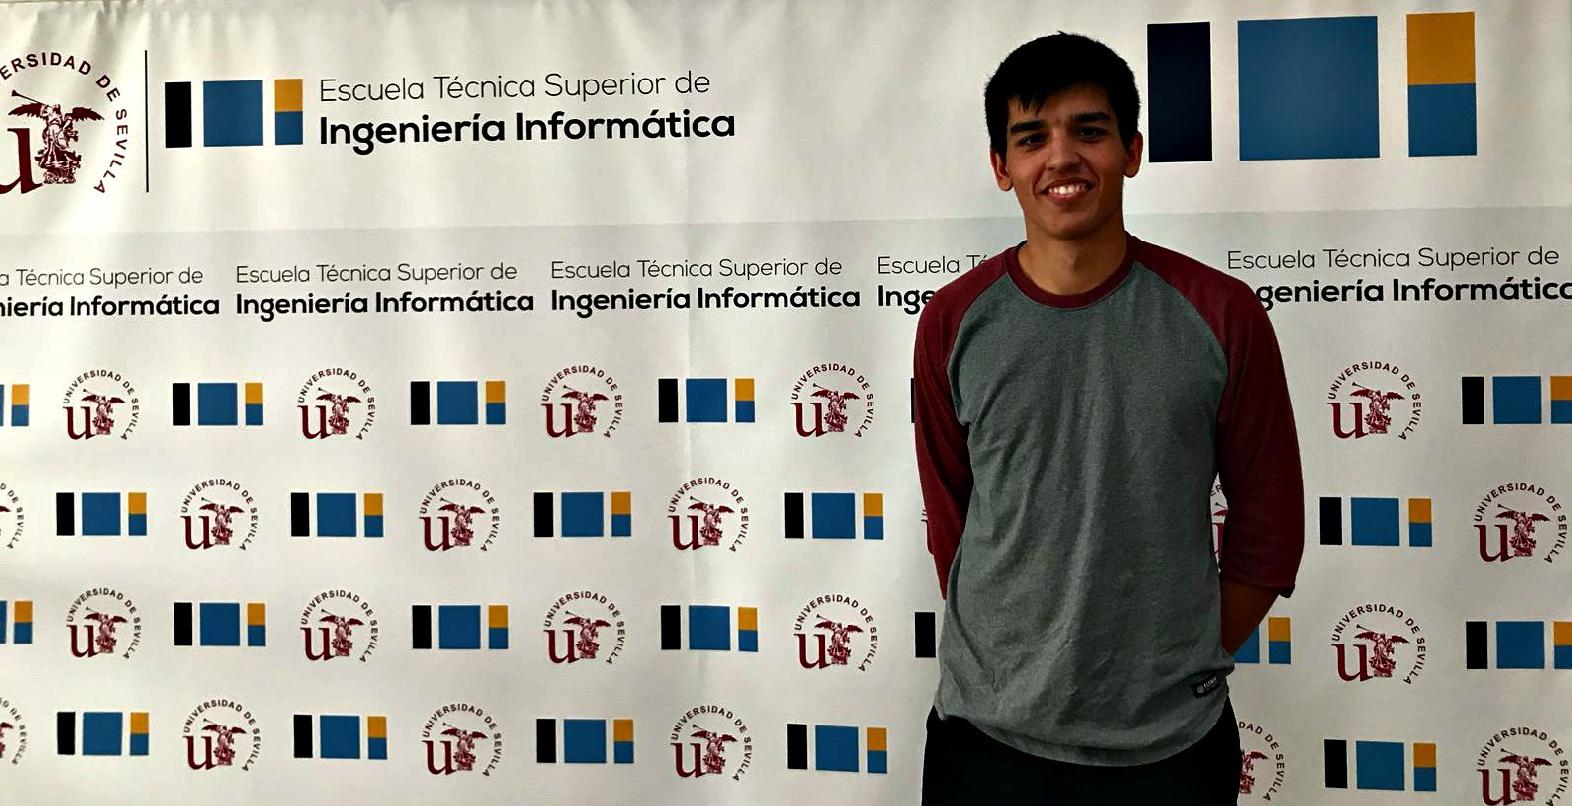 JAVIER BOSCH CARRACEDO MEDALLA DE PLATA EN LA  II OLIMPIADA INFORMÁTICA DE LA US